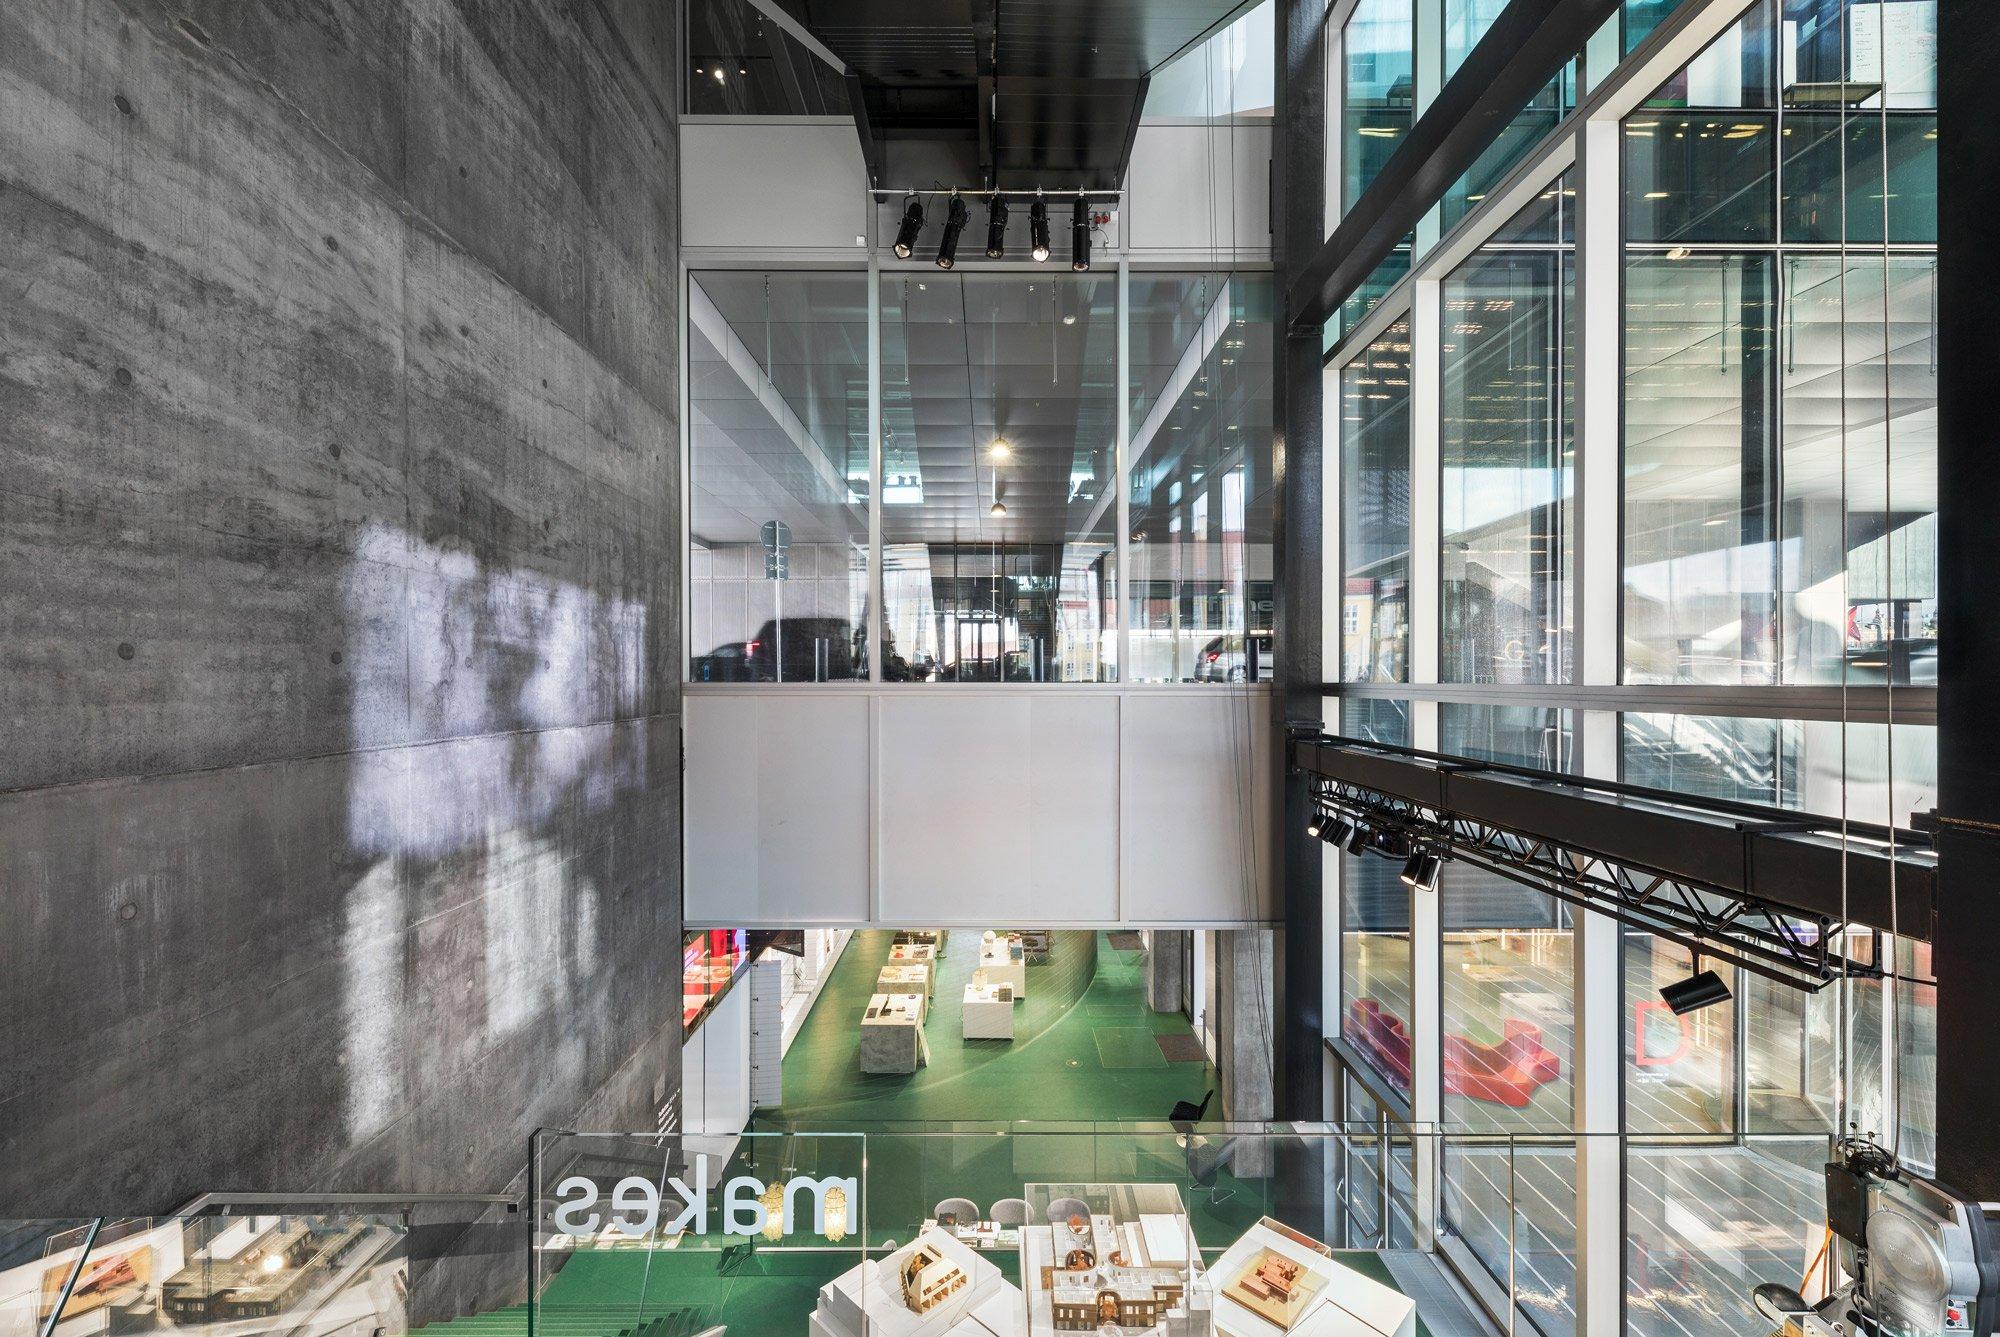 Blox - Danish Architecture Center by OMA Photograph by Delfino Sisto Legnani and Marco Cappelletti, Courtesy of OMA